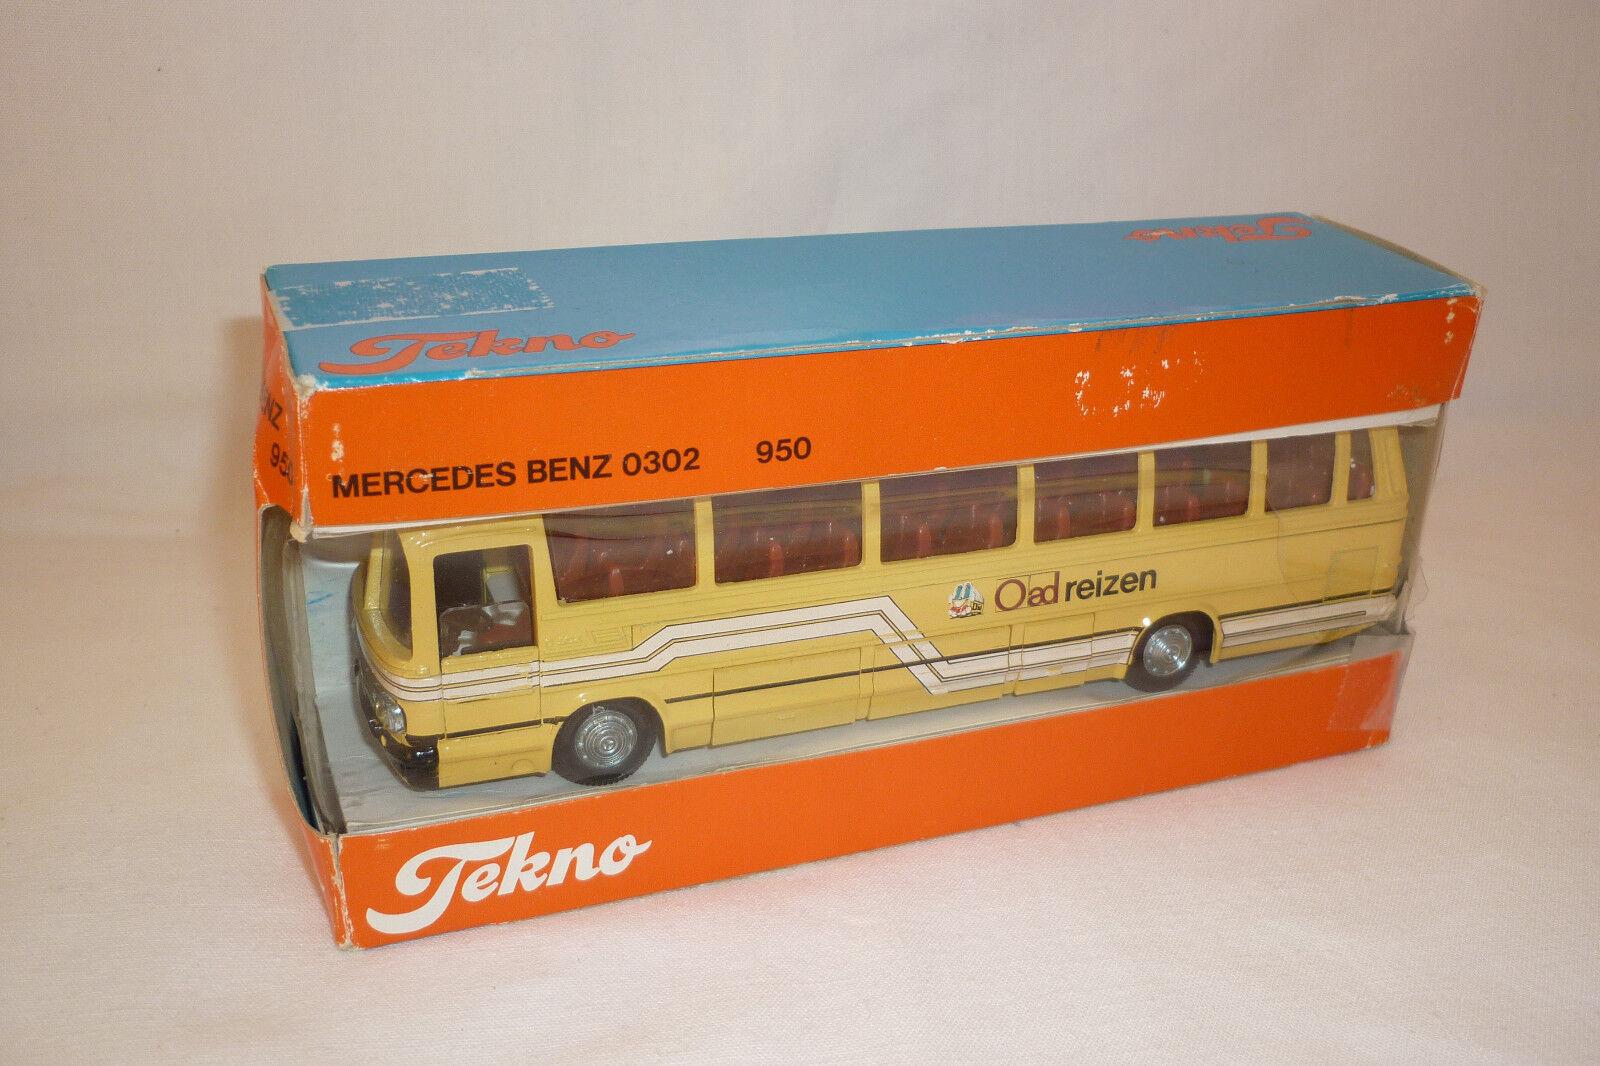 Tekno vintage modéle en métal MERCEDES-BENZ Bus de voyage voyage voyage - | Matériaux De Grande Qualité  | à La Mode  | élégante Et Gracieuse  926538